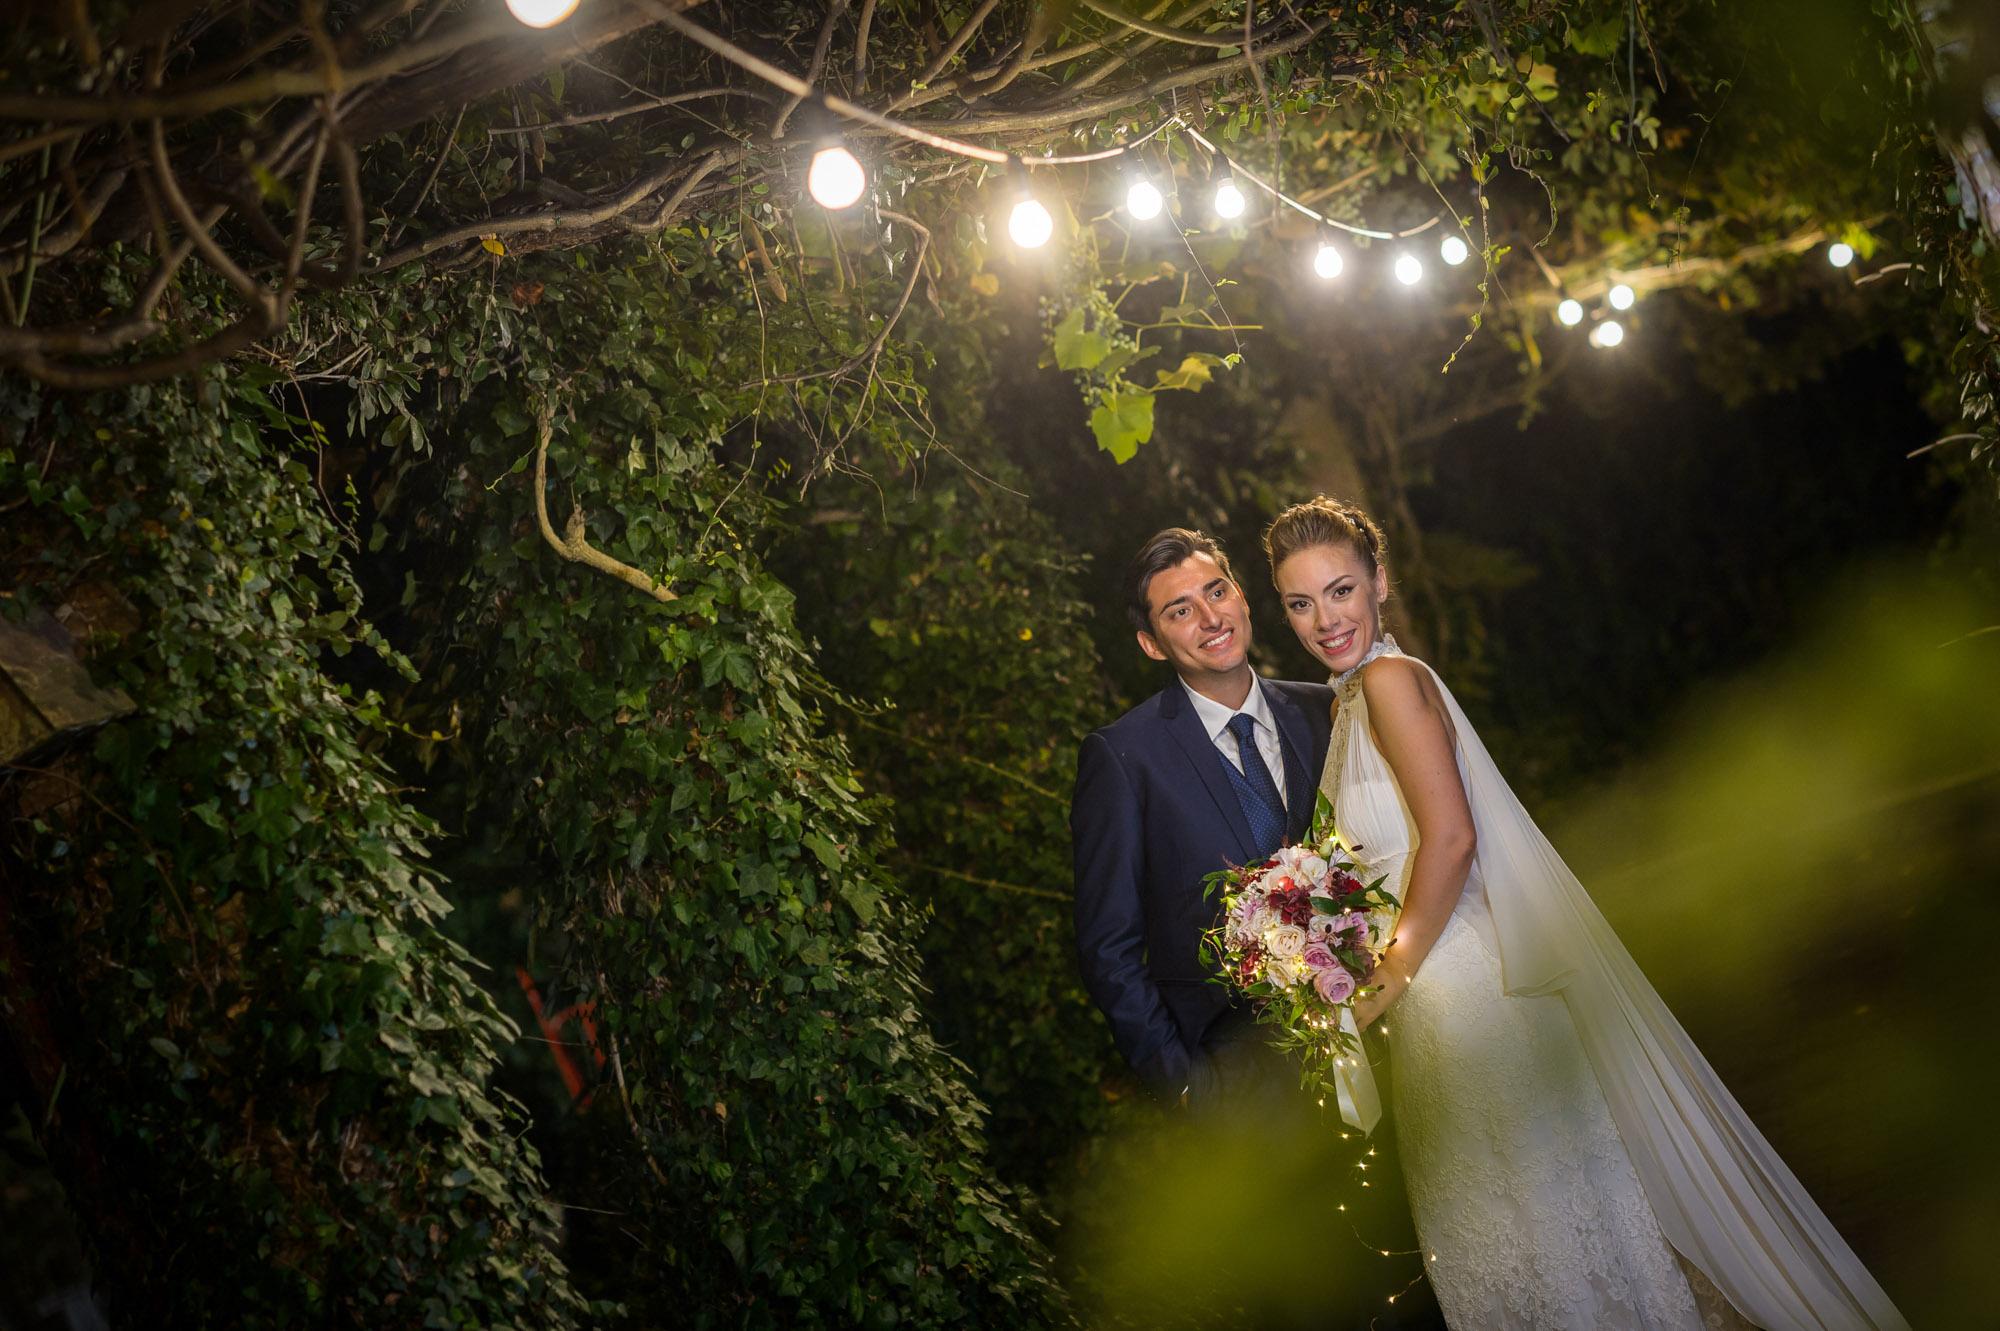 loretifoto – villa rosantica – sant alessio aventino – reportage matrimonio roma-36